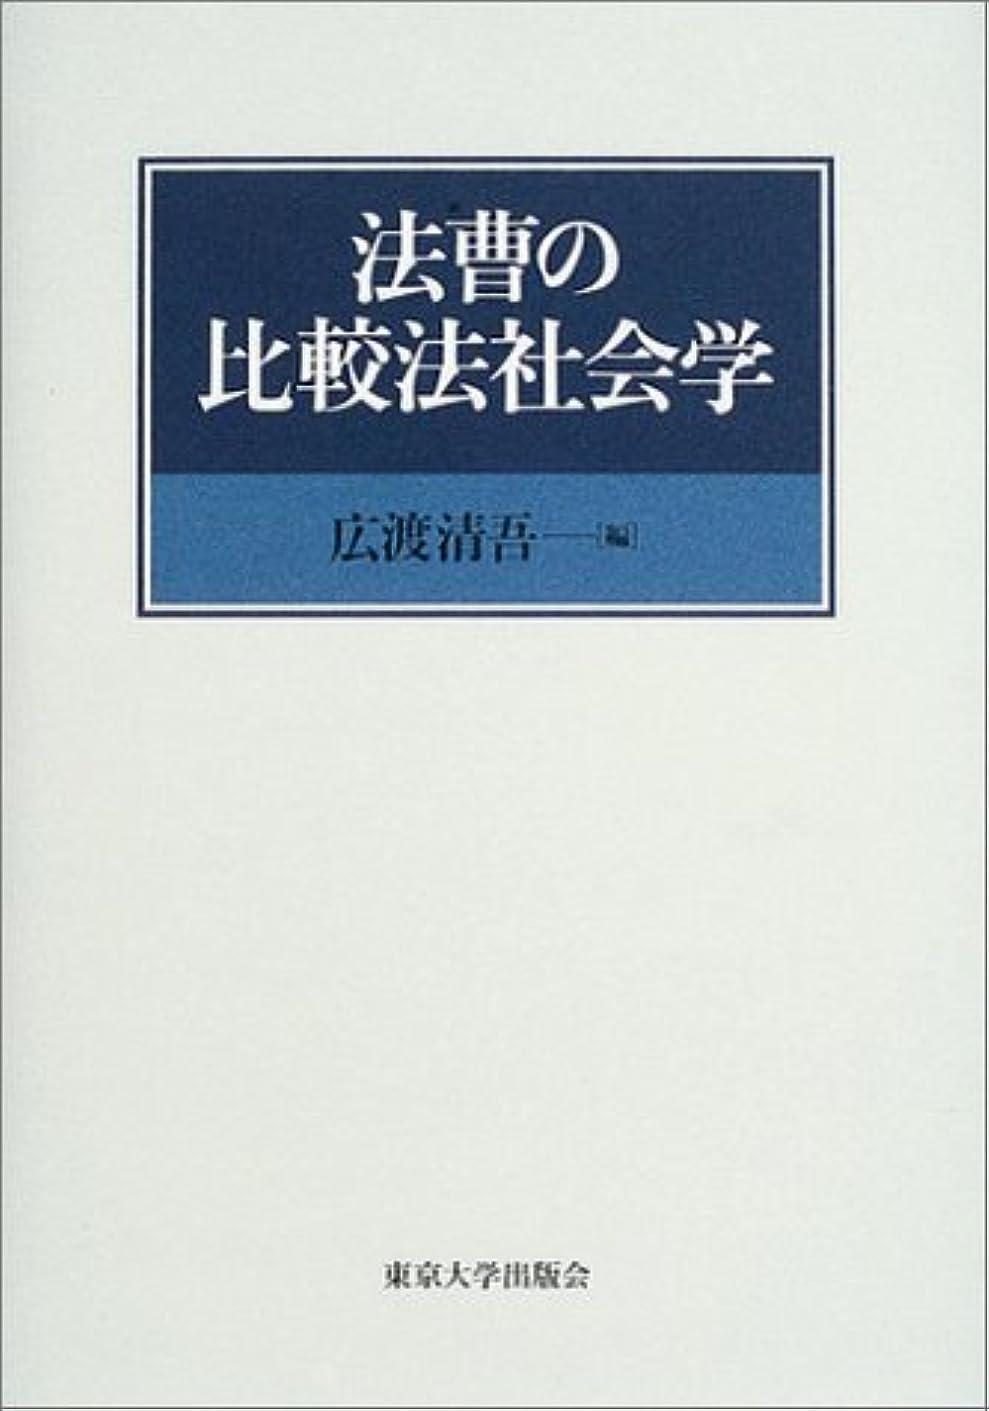 不屈害虫中傷伊藤真の民事訴訟法入門 第5版: 講義再現版